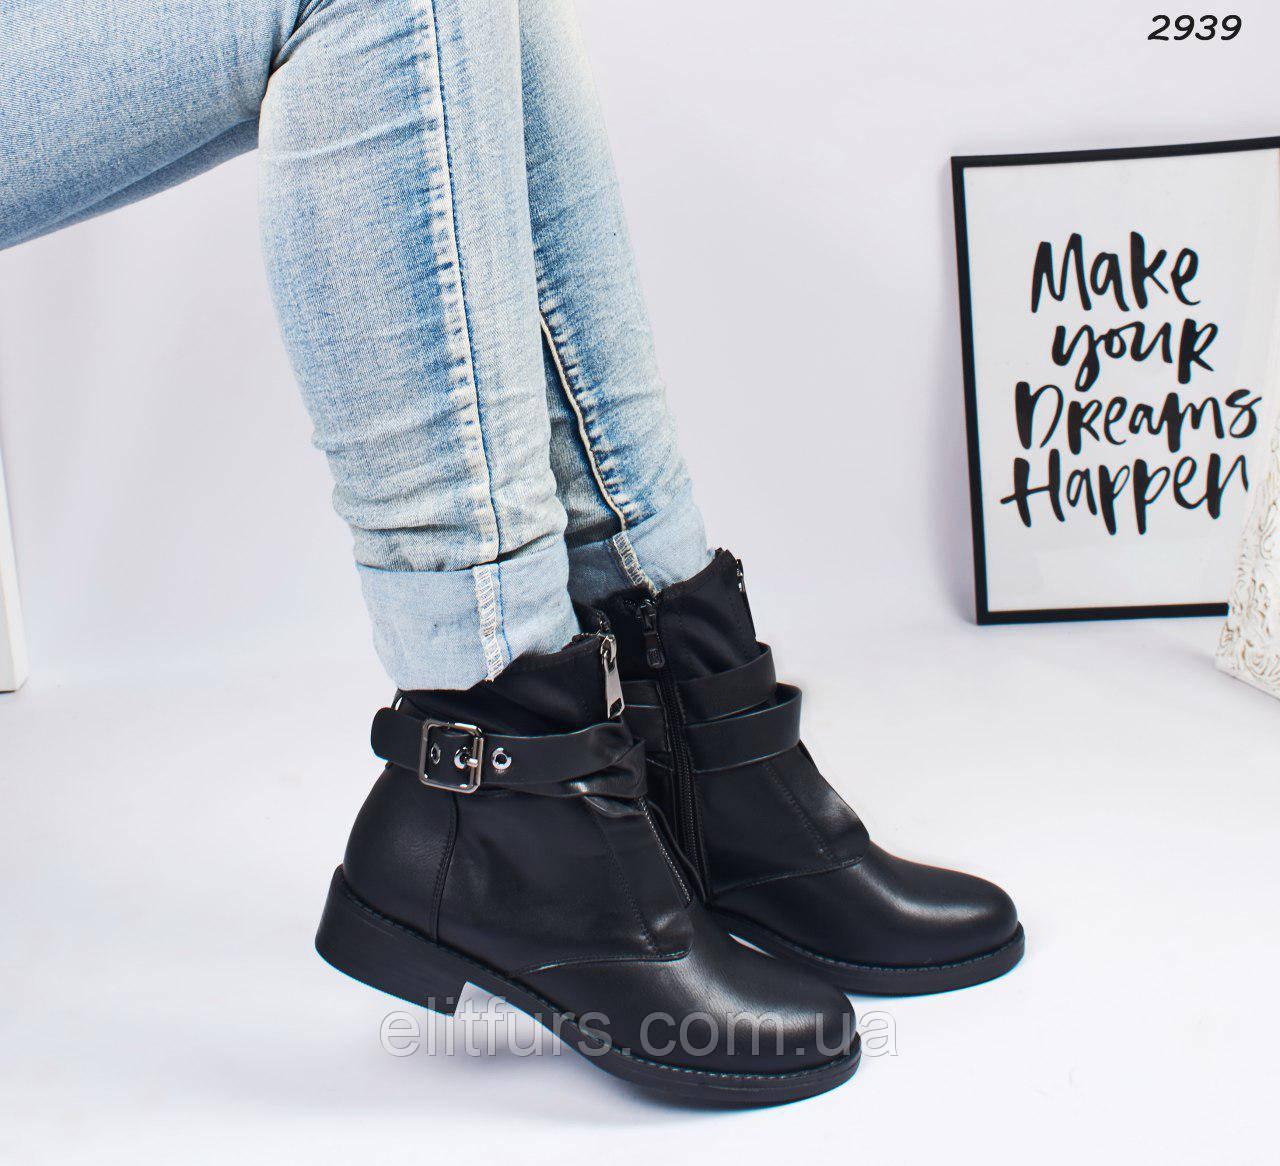 Ботинки демисезонные стильные с ремешком , эко-кожа